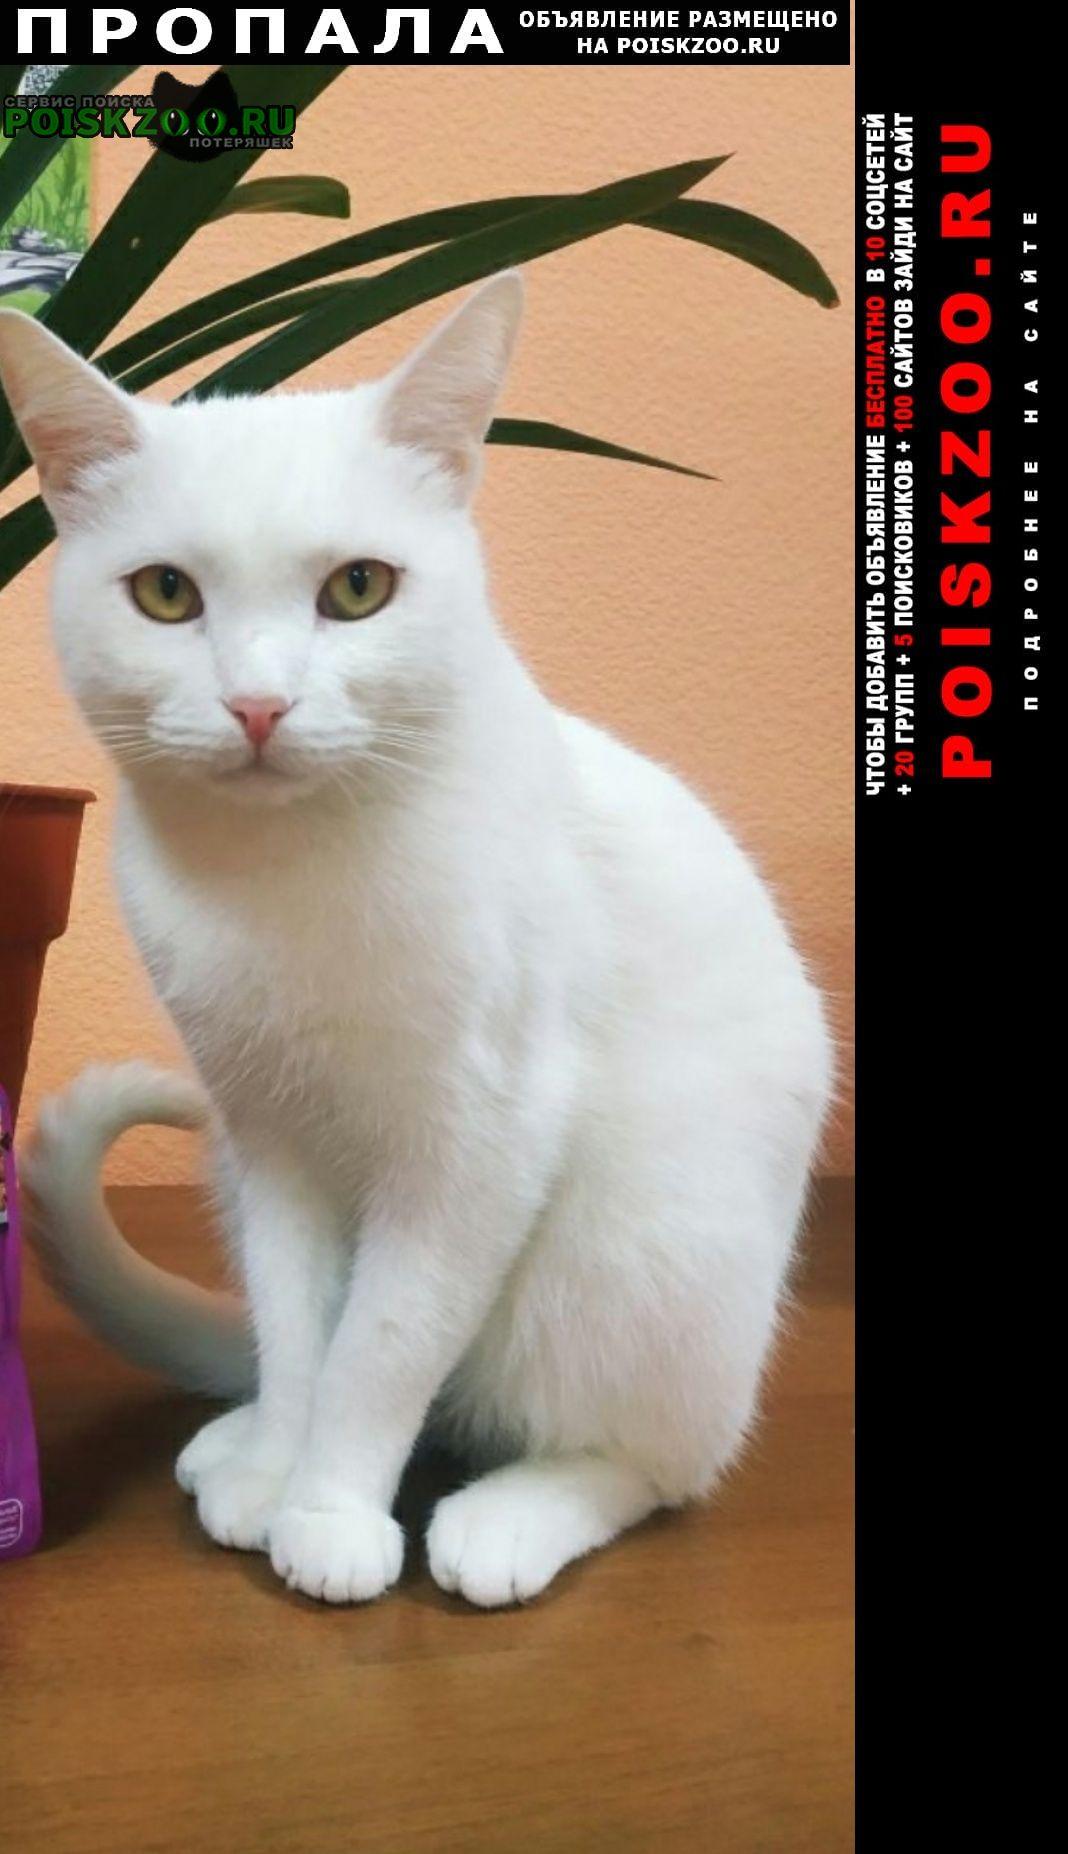 Пропал кот, белого цвета. Нижний Новгород